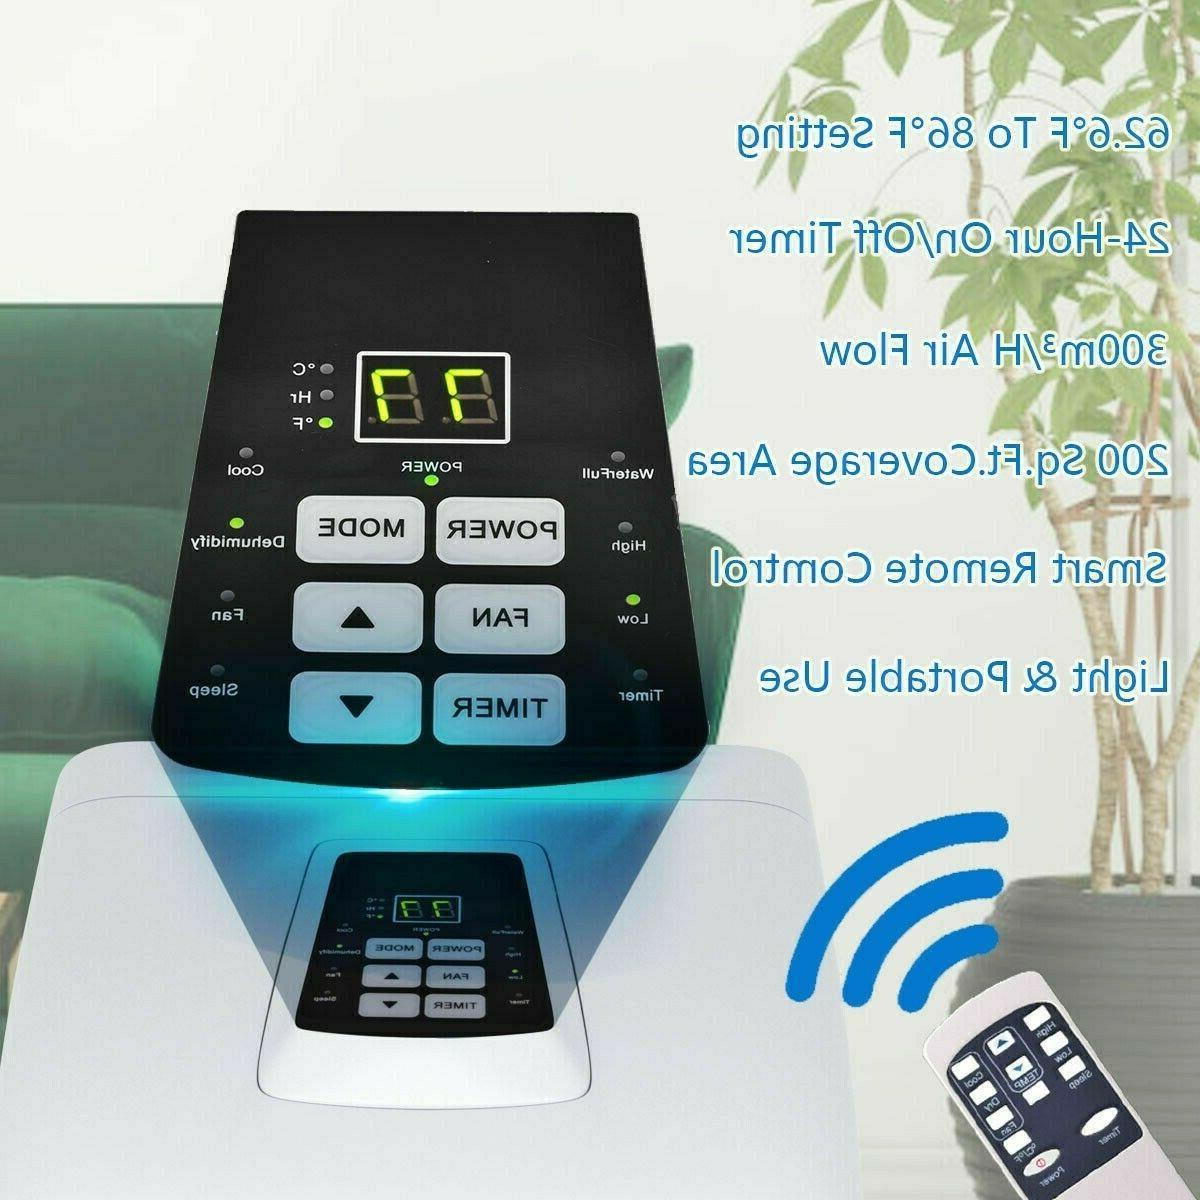 10000 BTU Portable Conditioner Dehumidifier.